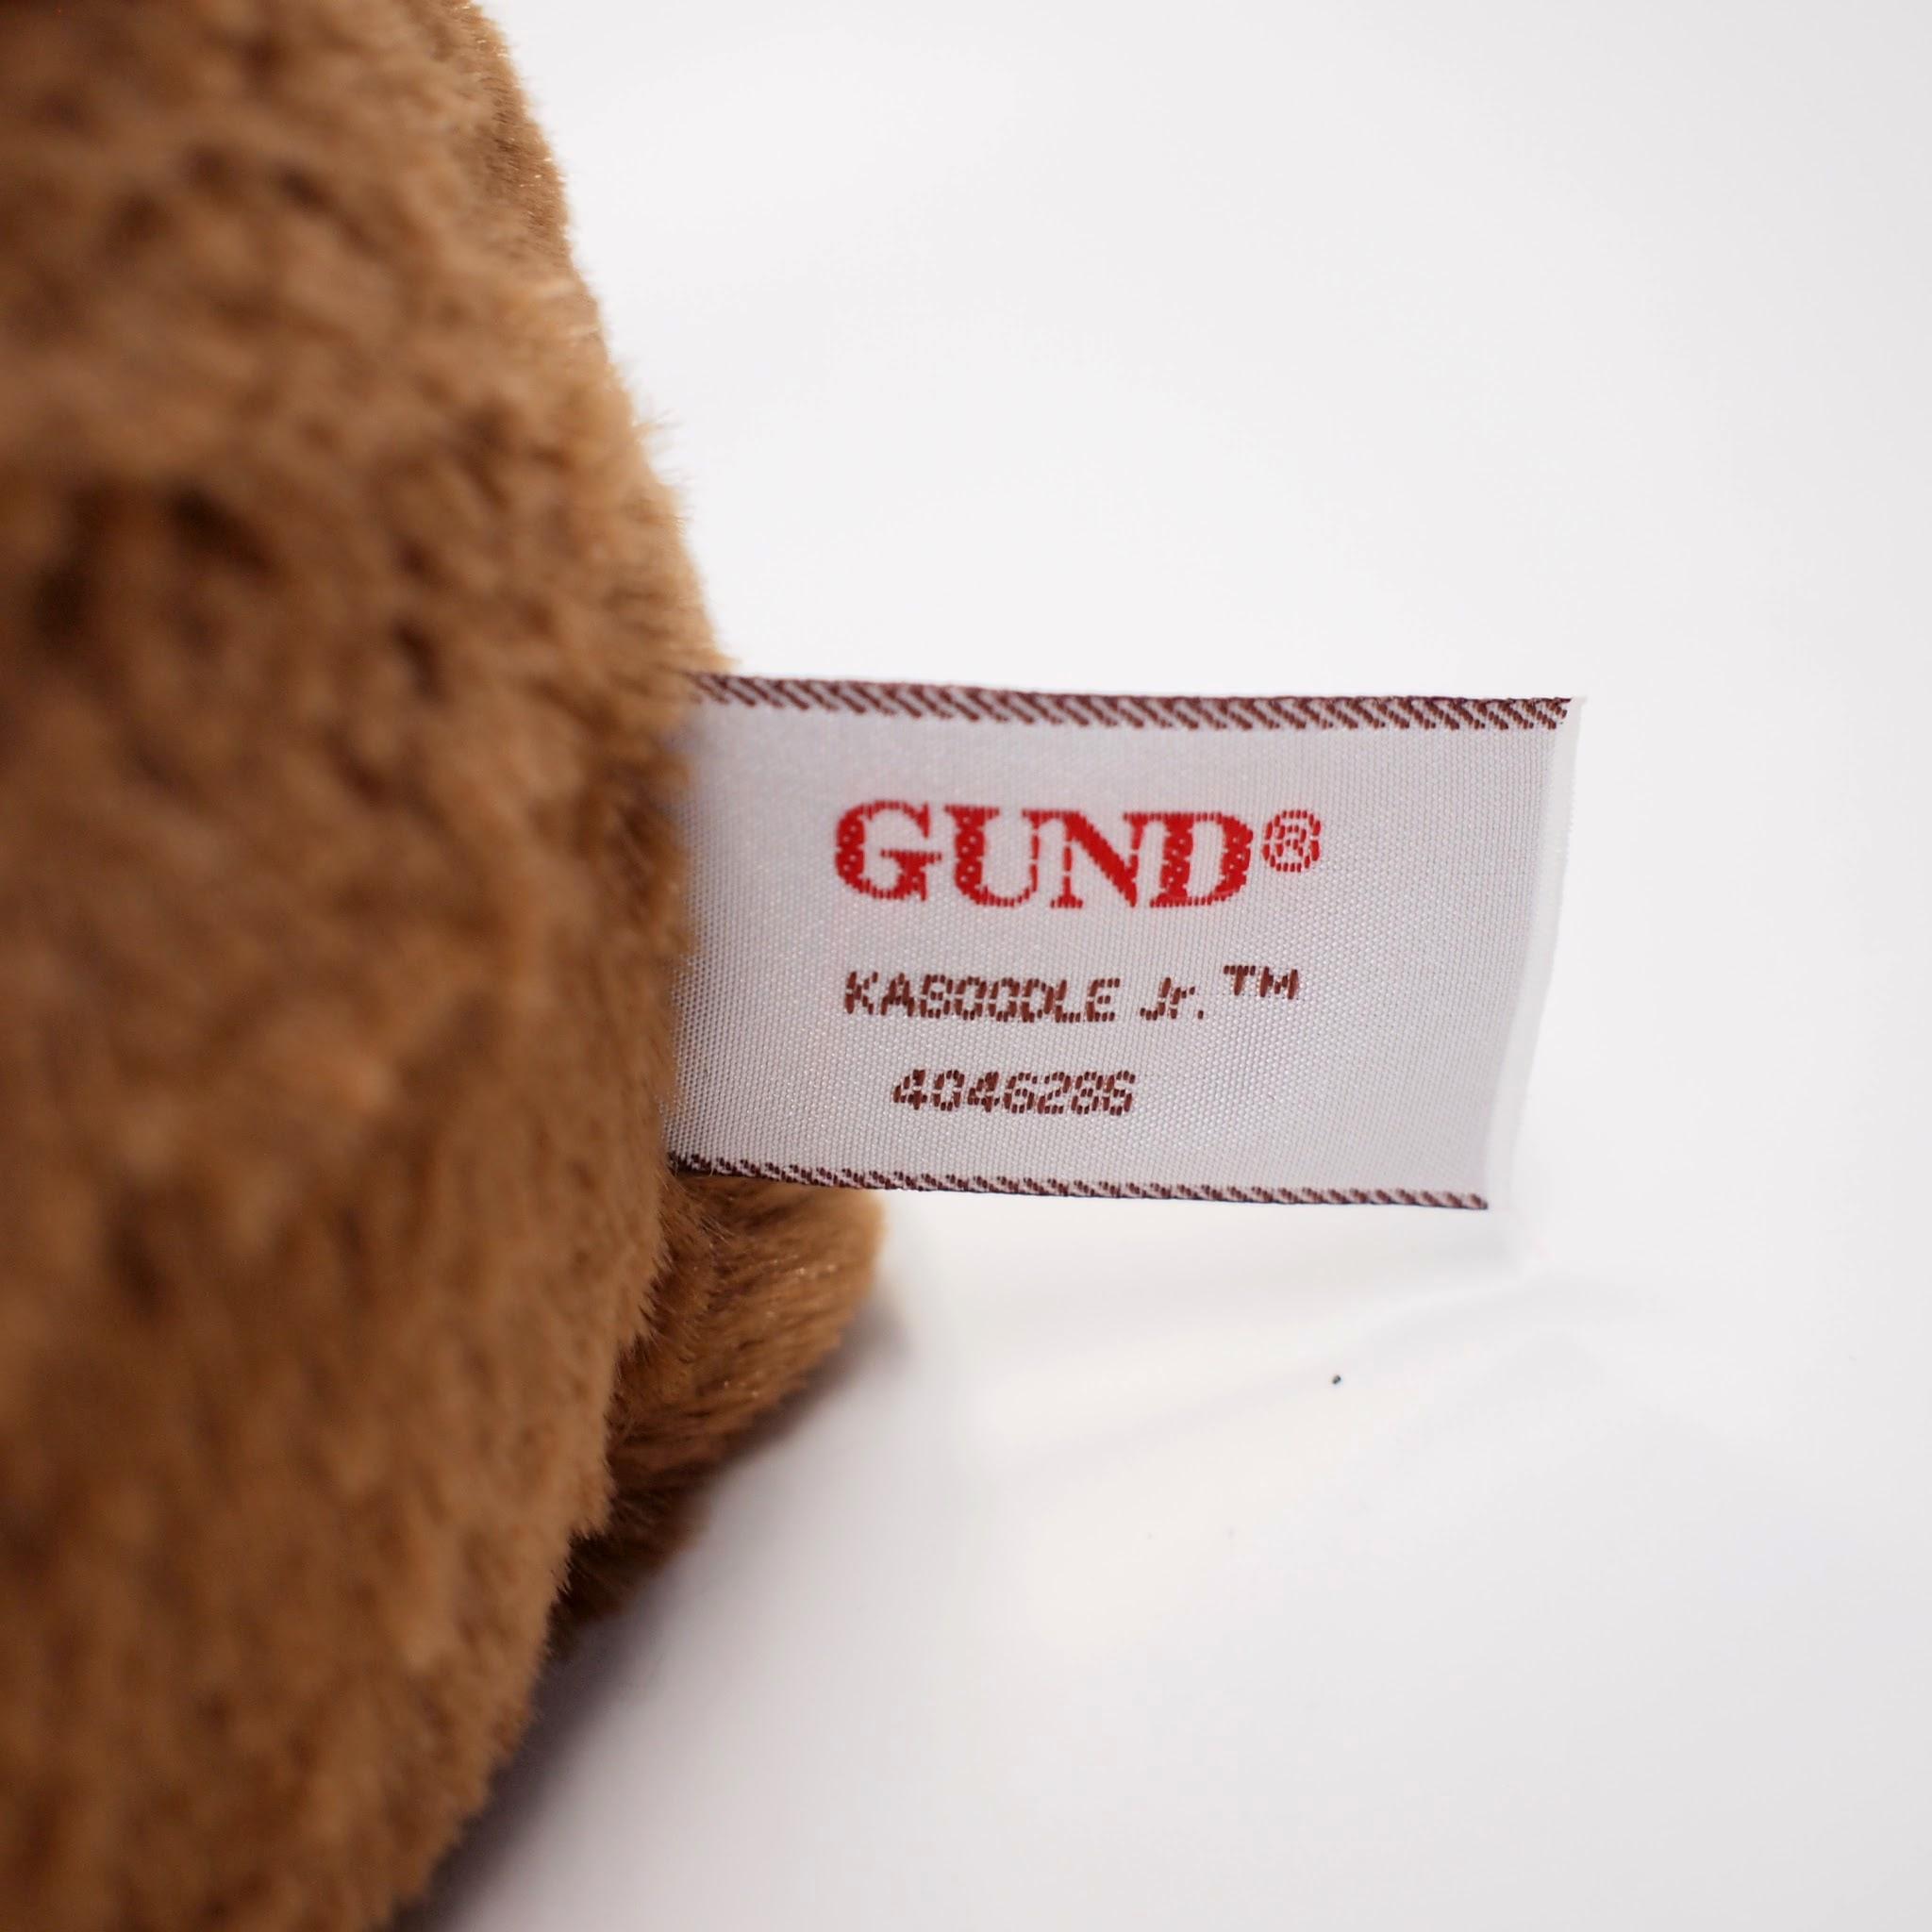 【GUND】KABOODLE べア JR